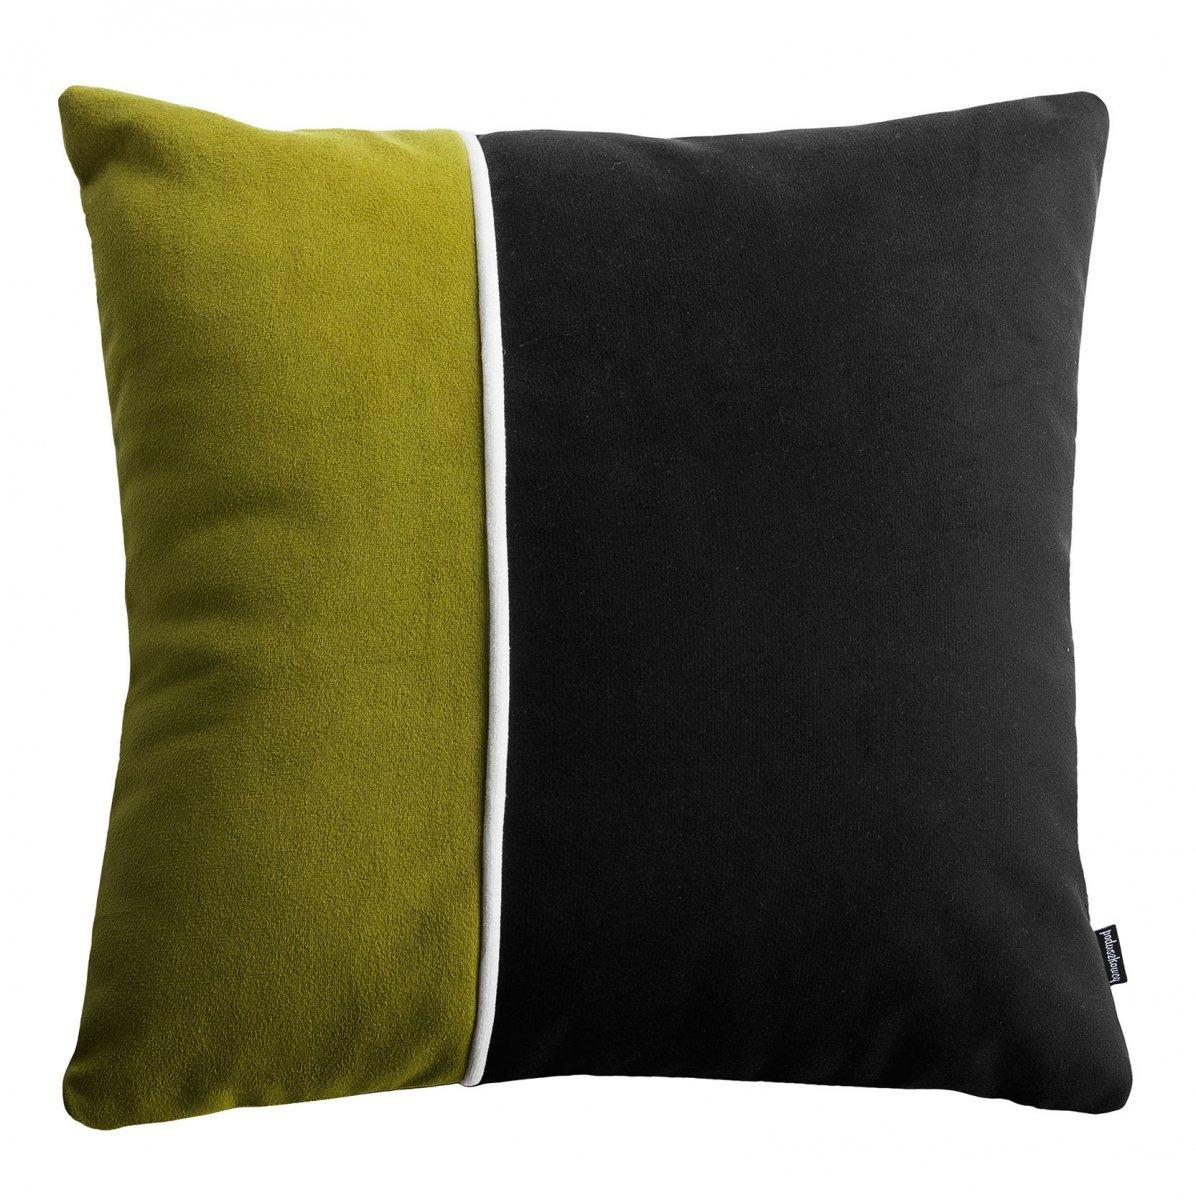 Pram S zielona welurowa poduszka dekoracyjna 40x40 cm